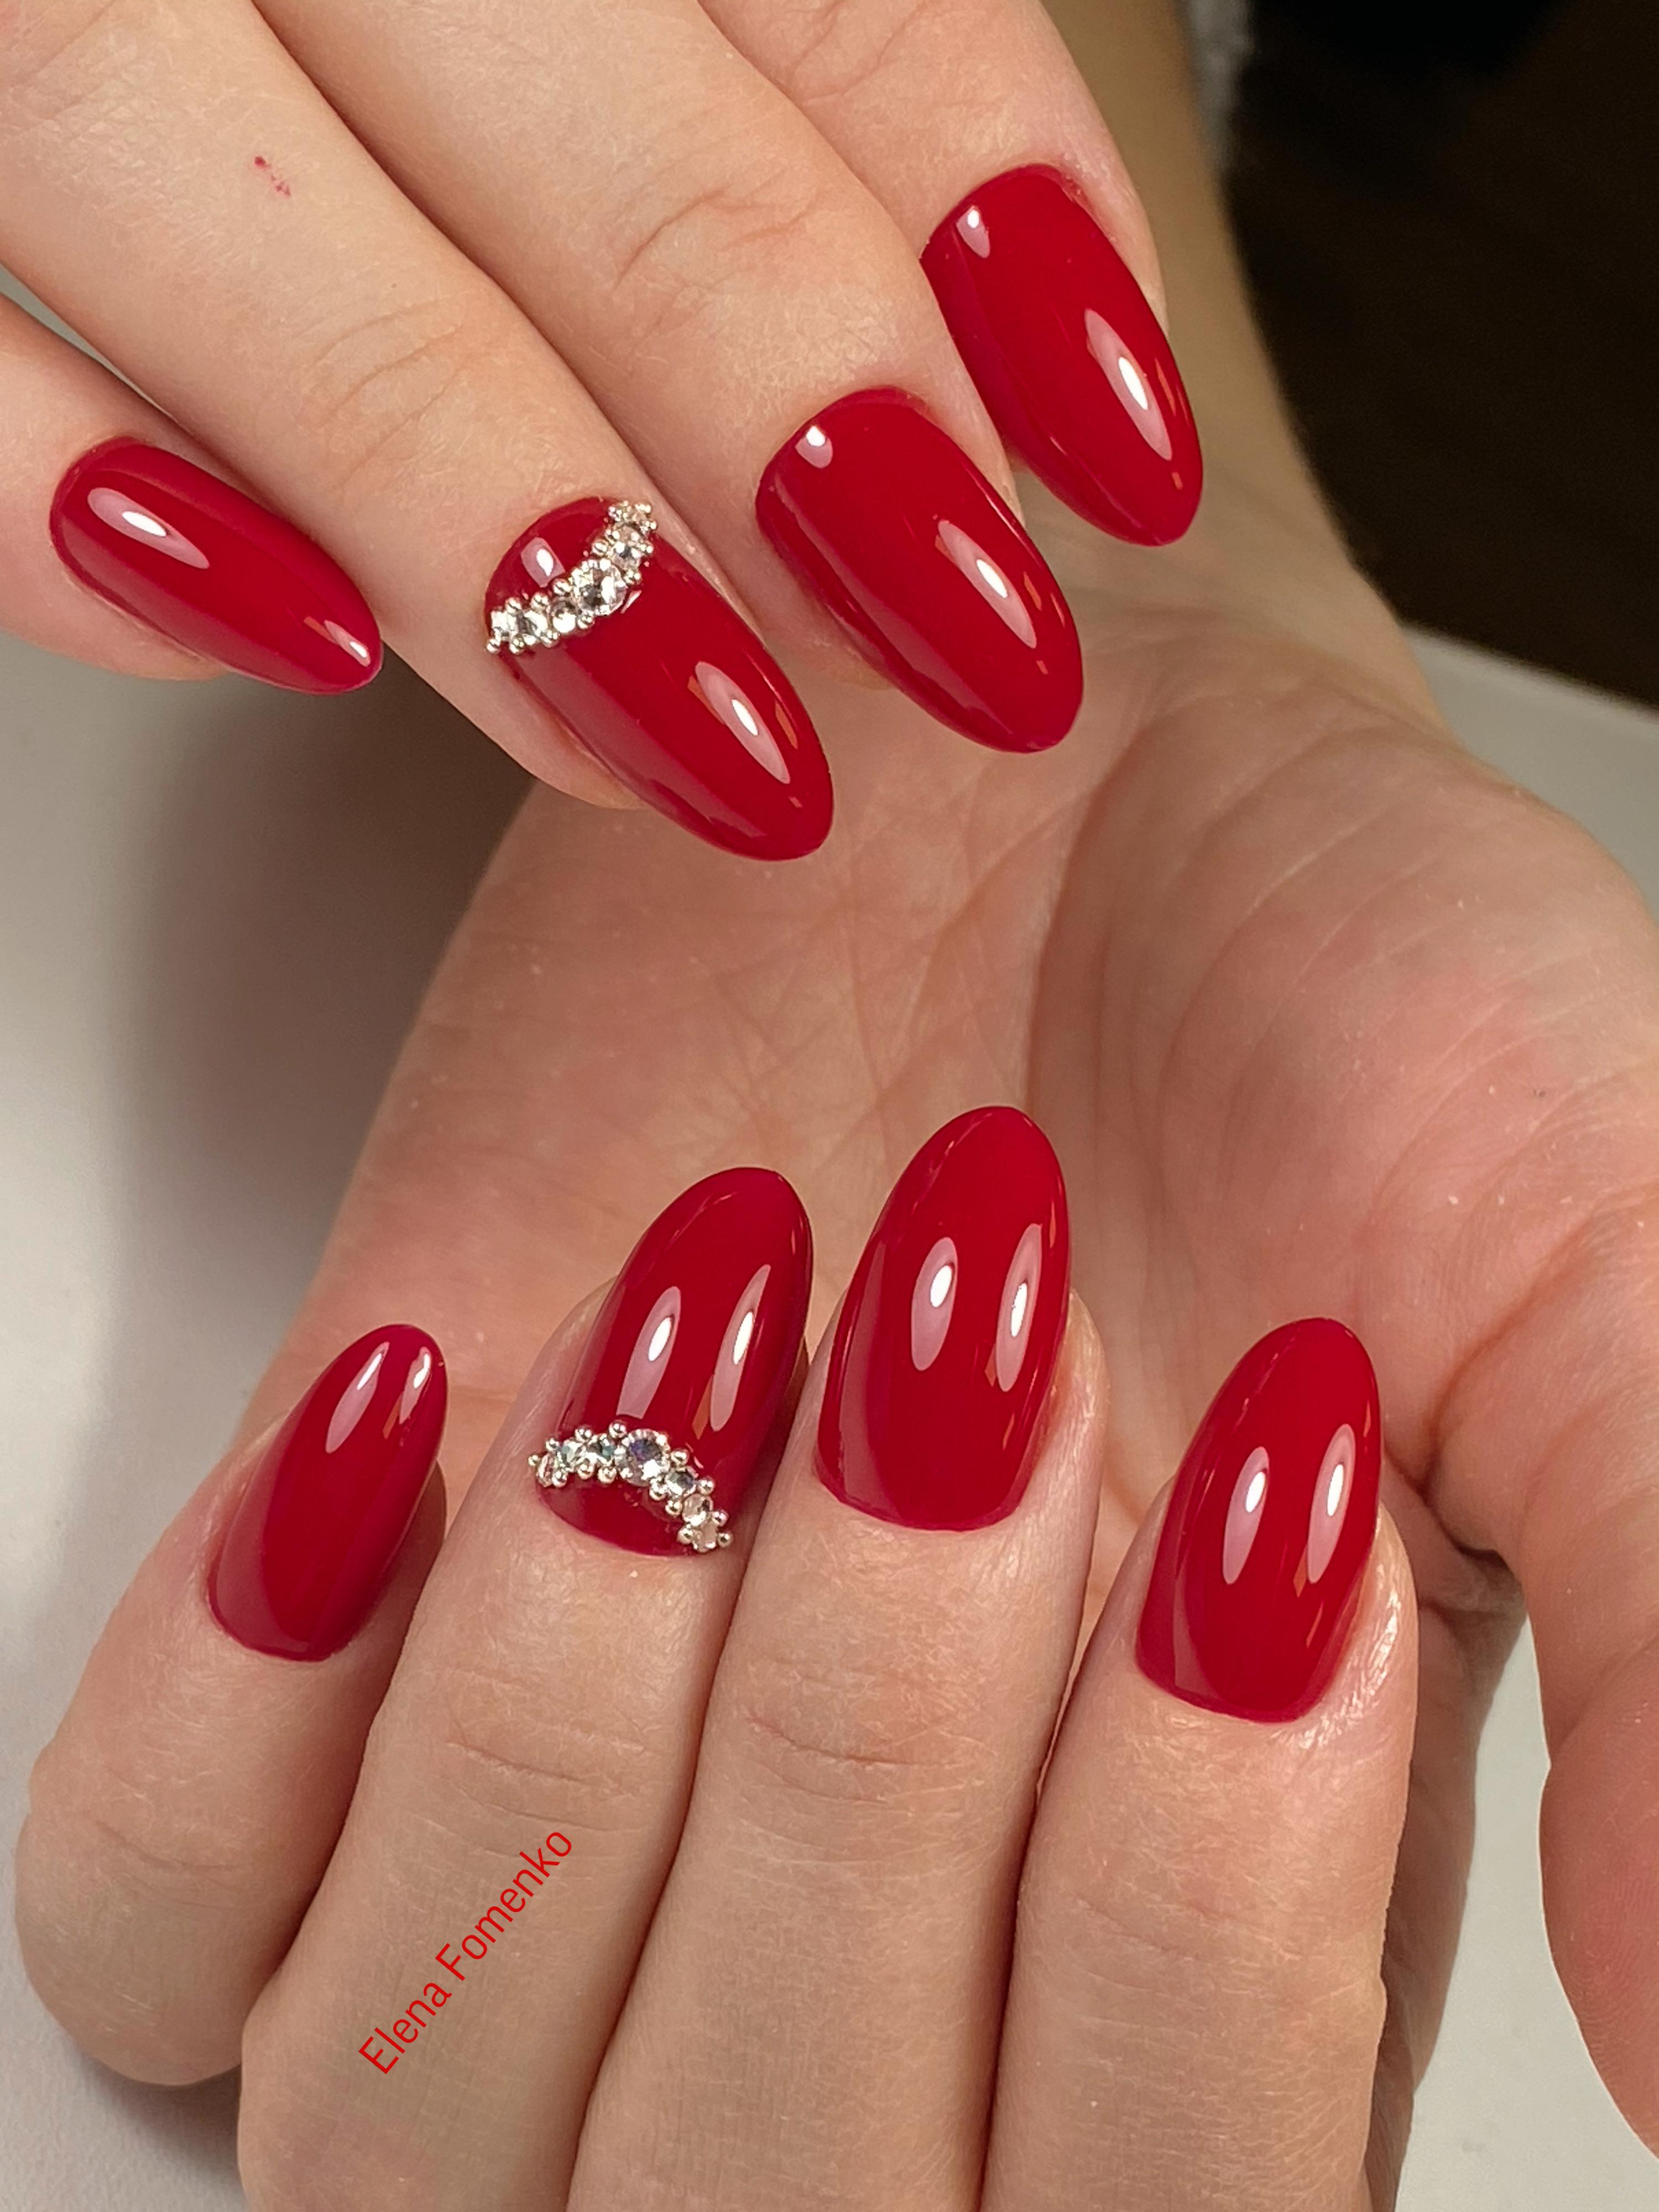 Маникюр со стразами в бордовом цвете на длинные ногти.